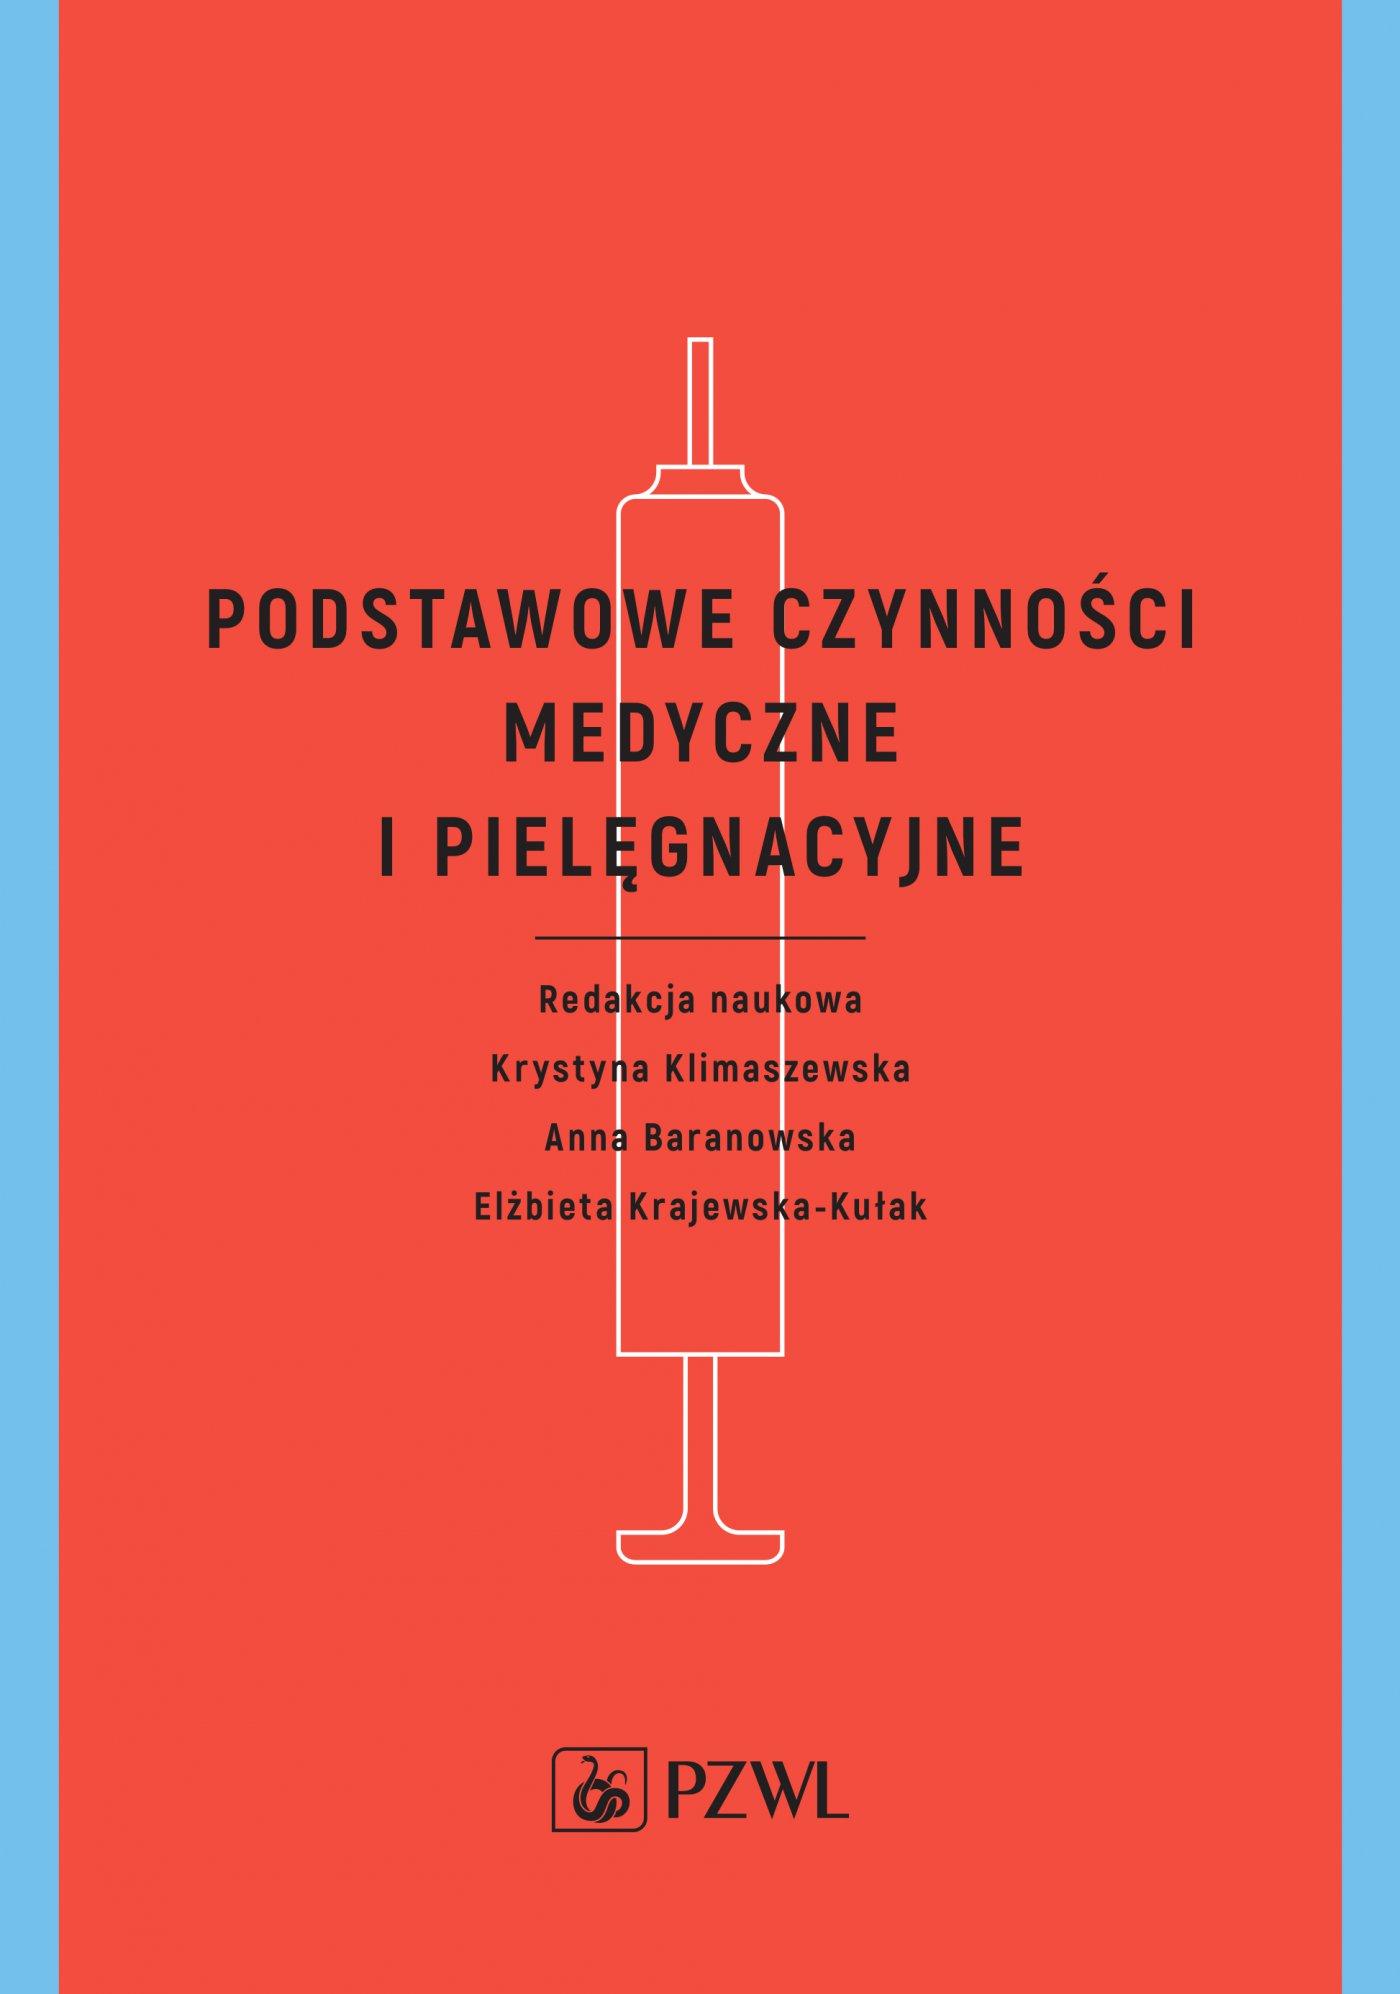 Podstawowe czynności medyczne i pielęgnacyjne - Ebook (Książka EPUB) do pobrania w formacie EPUB